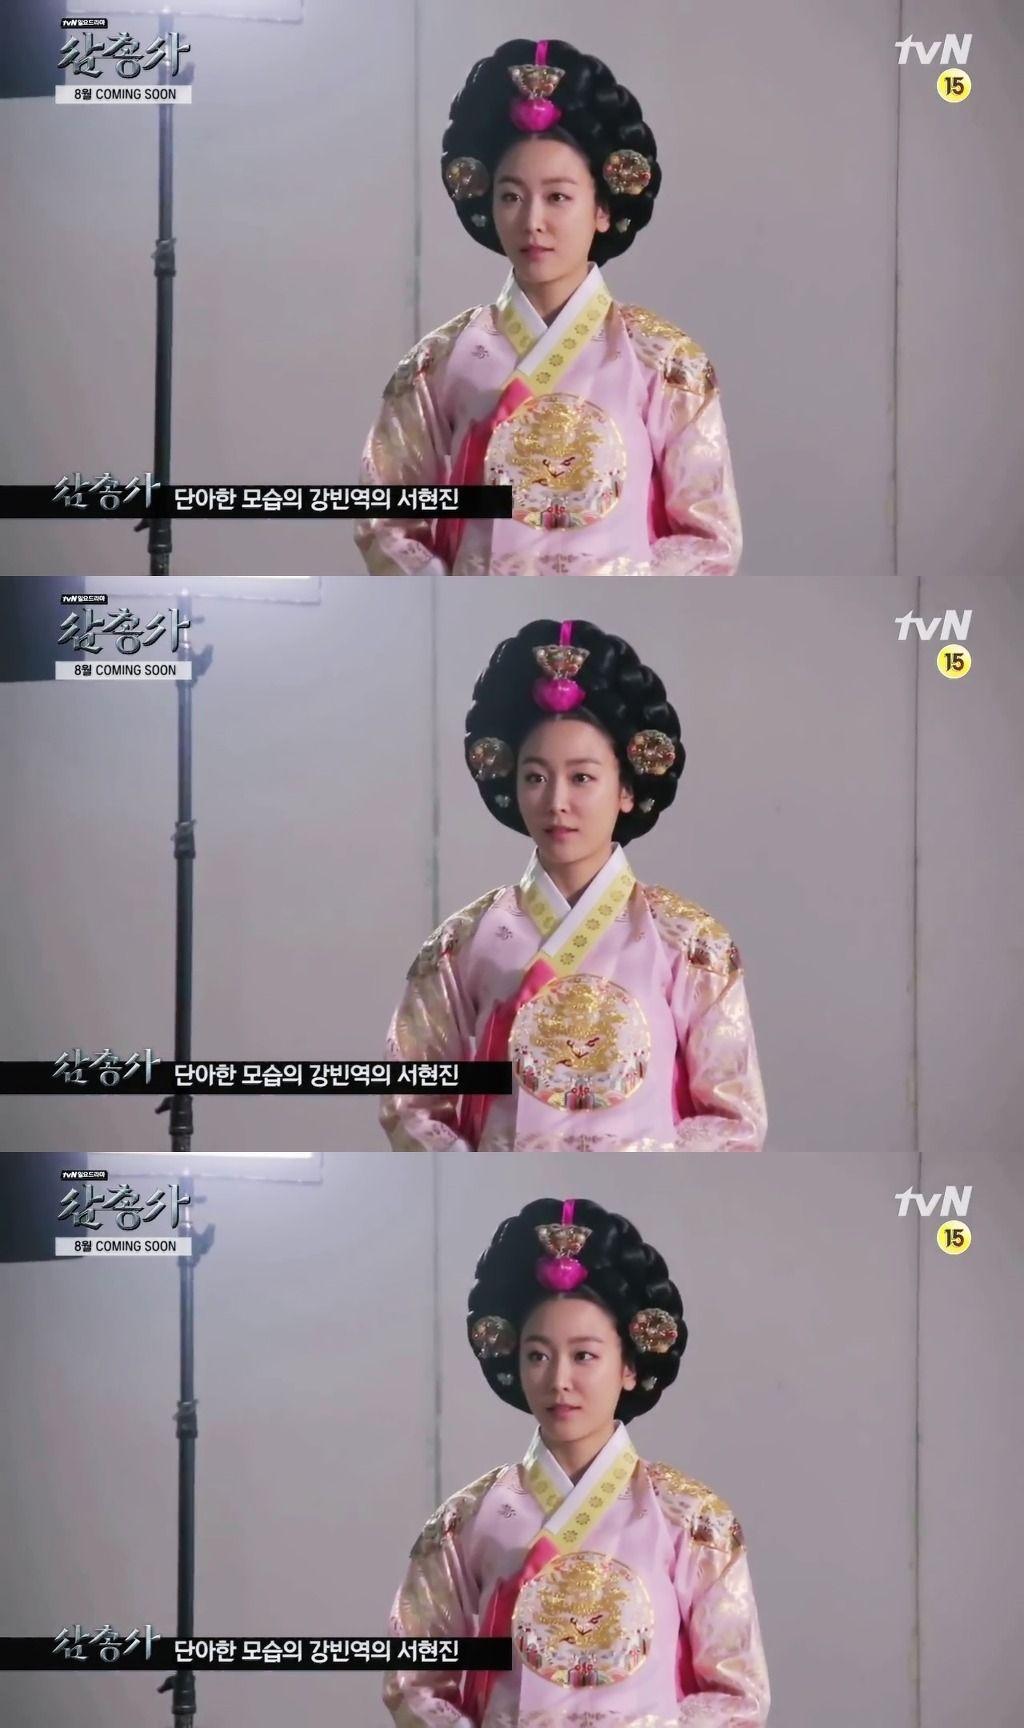 [서현진] tvn 드라마 '삼총사' 강빈 역 | instiz